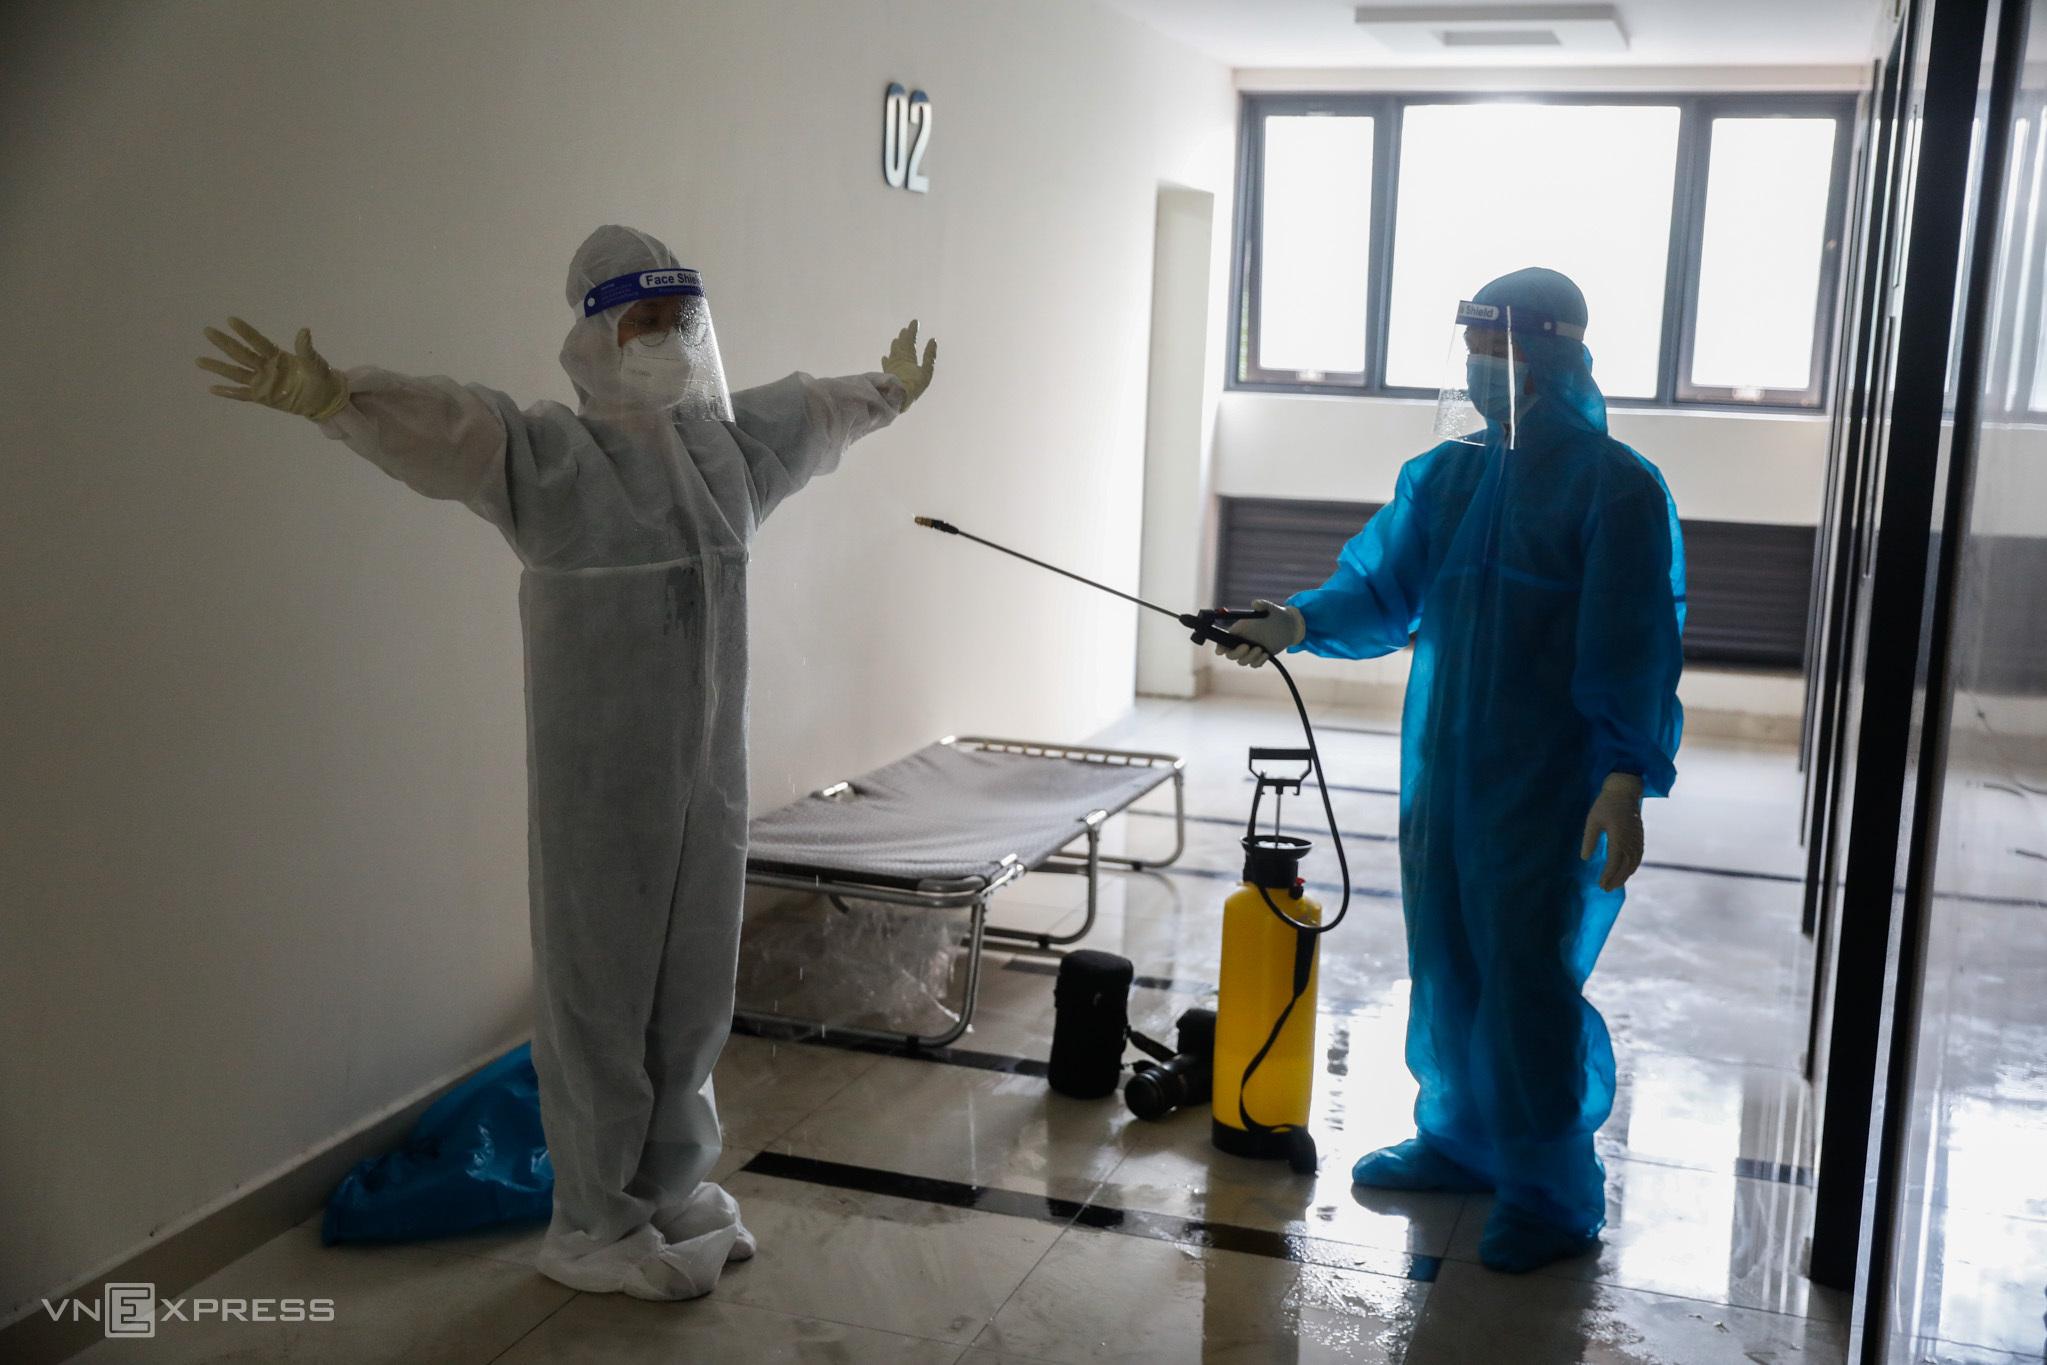 Khử khuẩn tại Bệnh viện dã chiến số 6 ở thành phố Thủ Đức, ngày 14/7. Ảnh: Hữu Khoa.